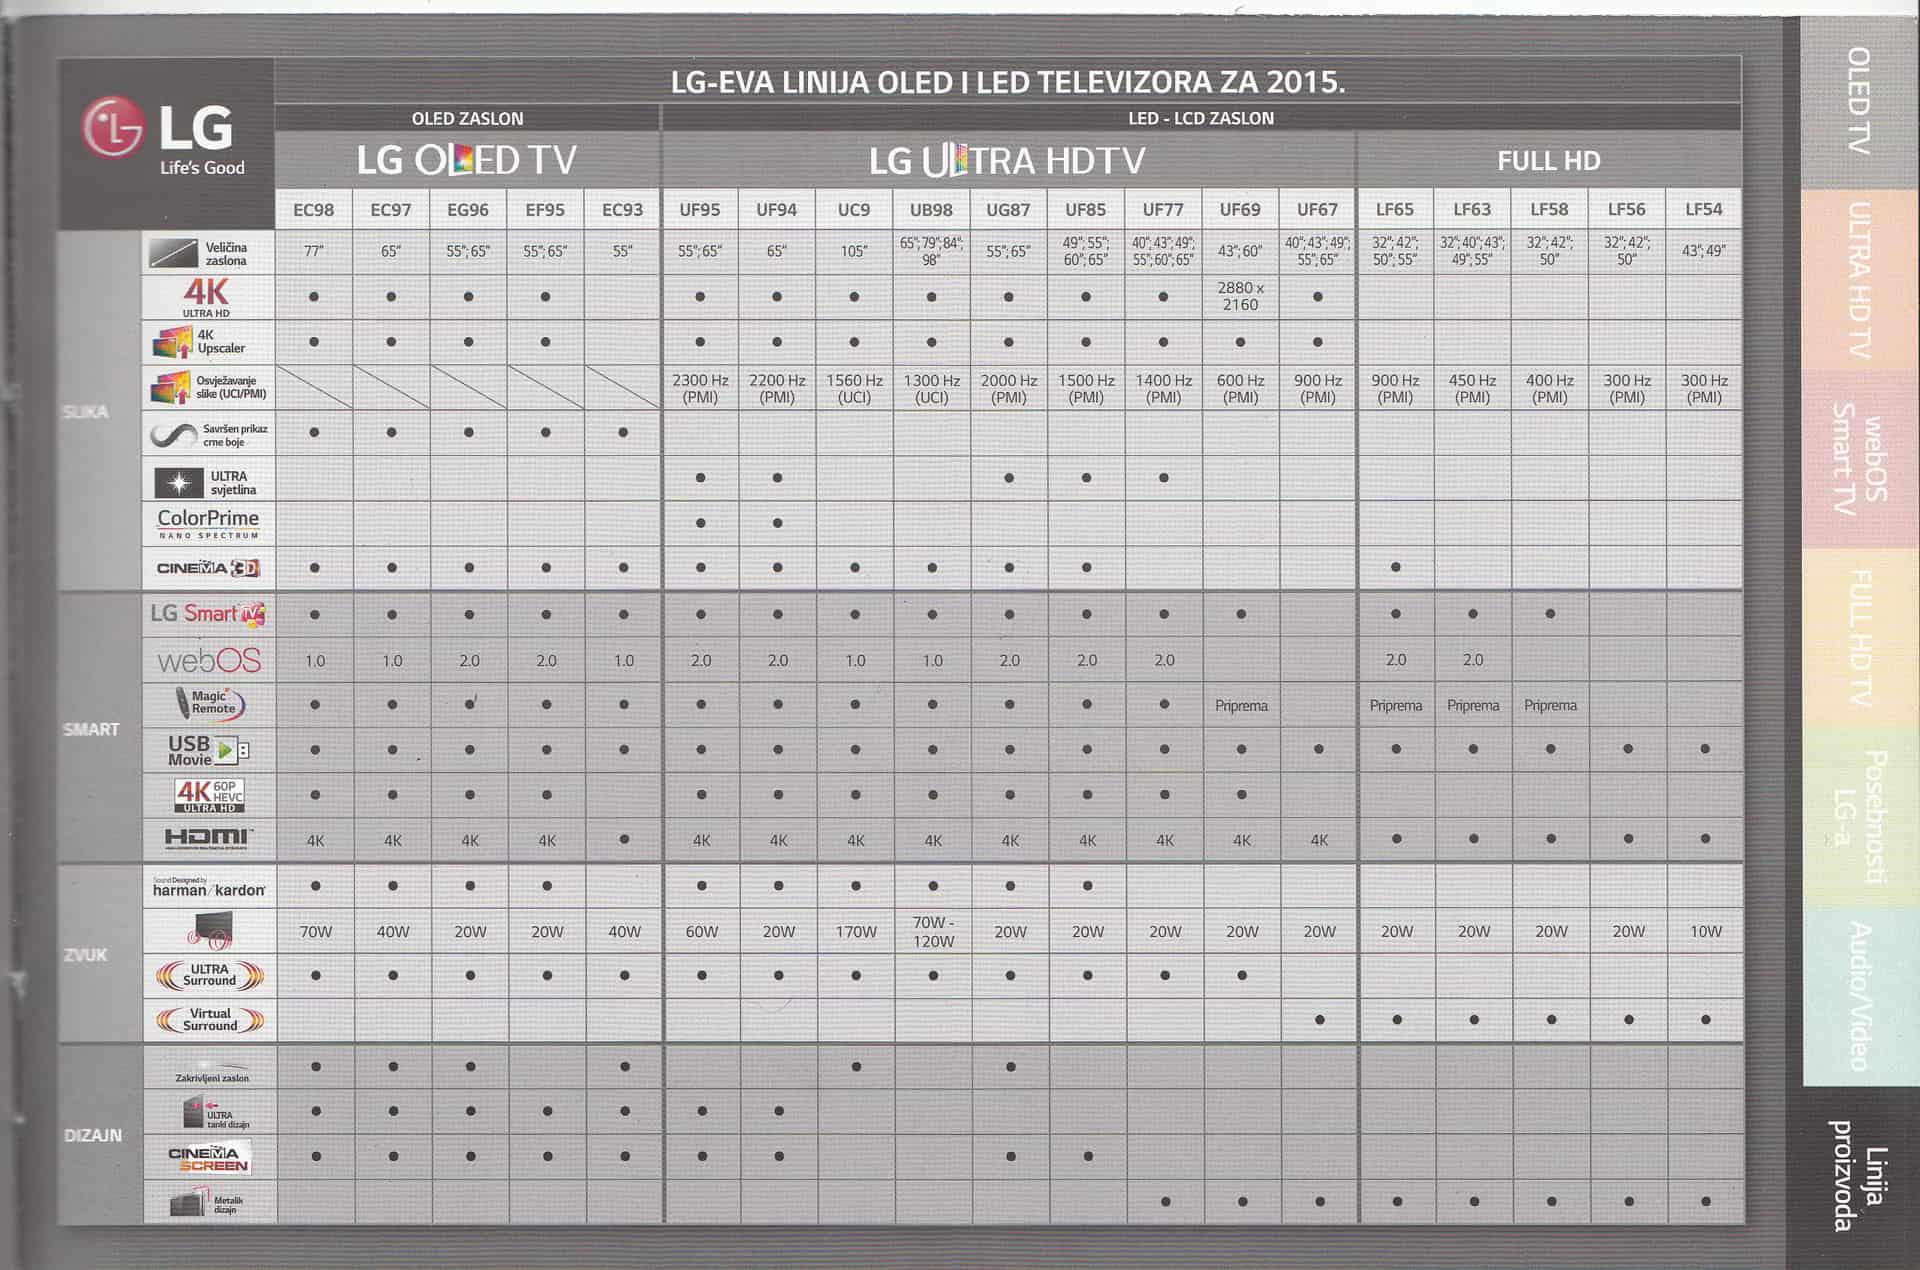 Pregled LG-jevih televizora za 2015. godinu (TV lineup ...